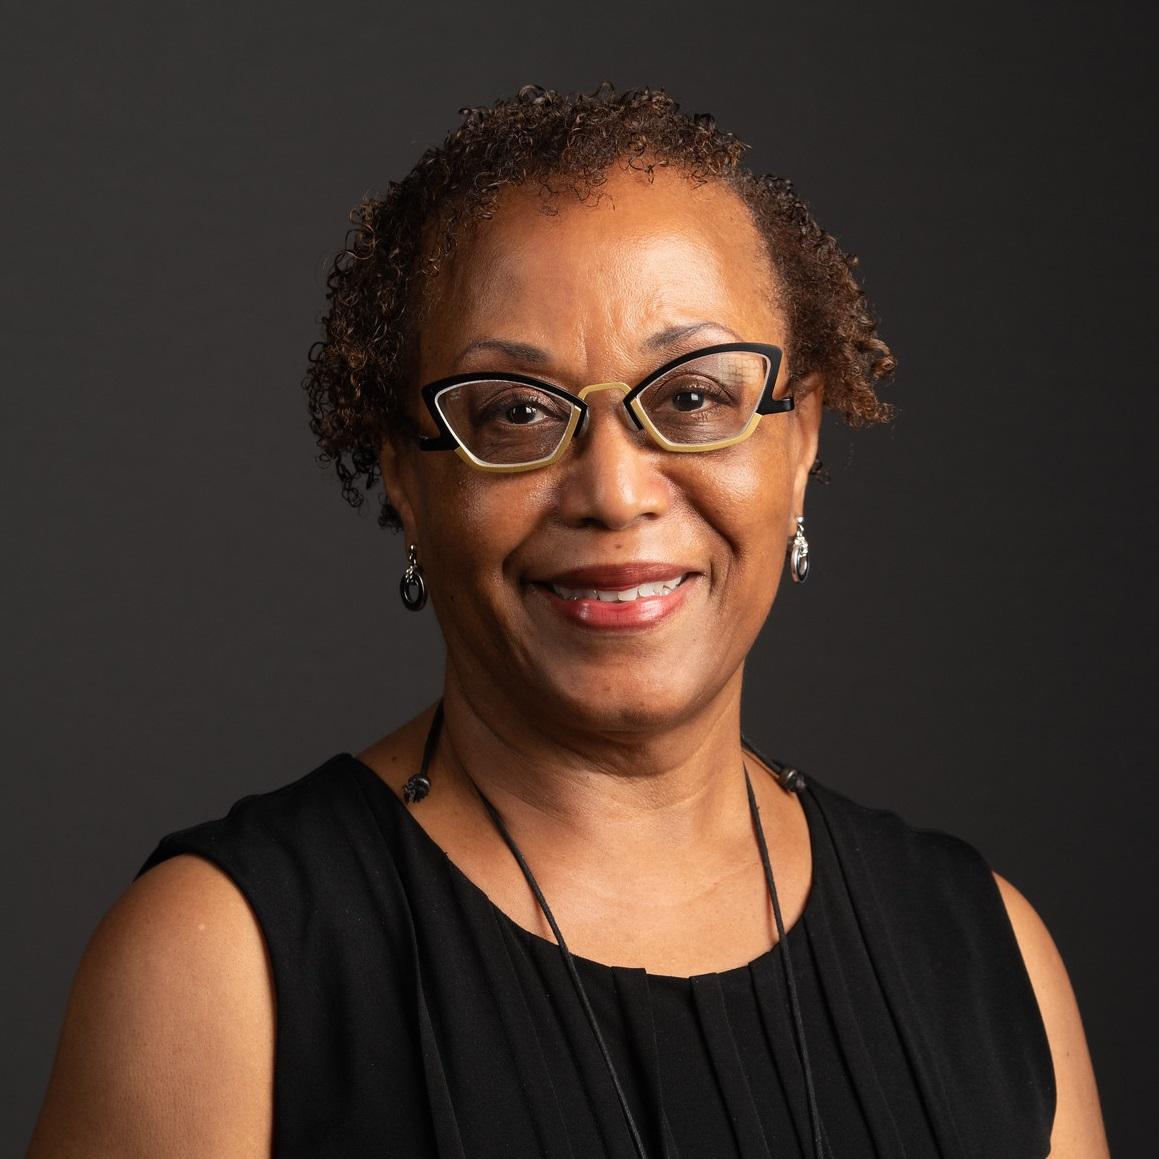 Anita Moore